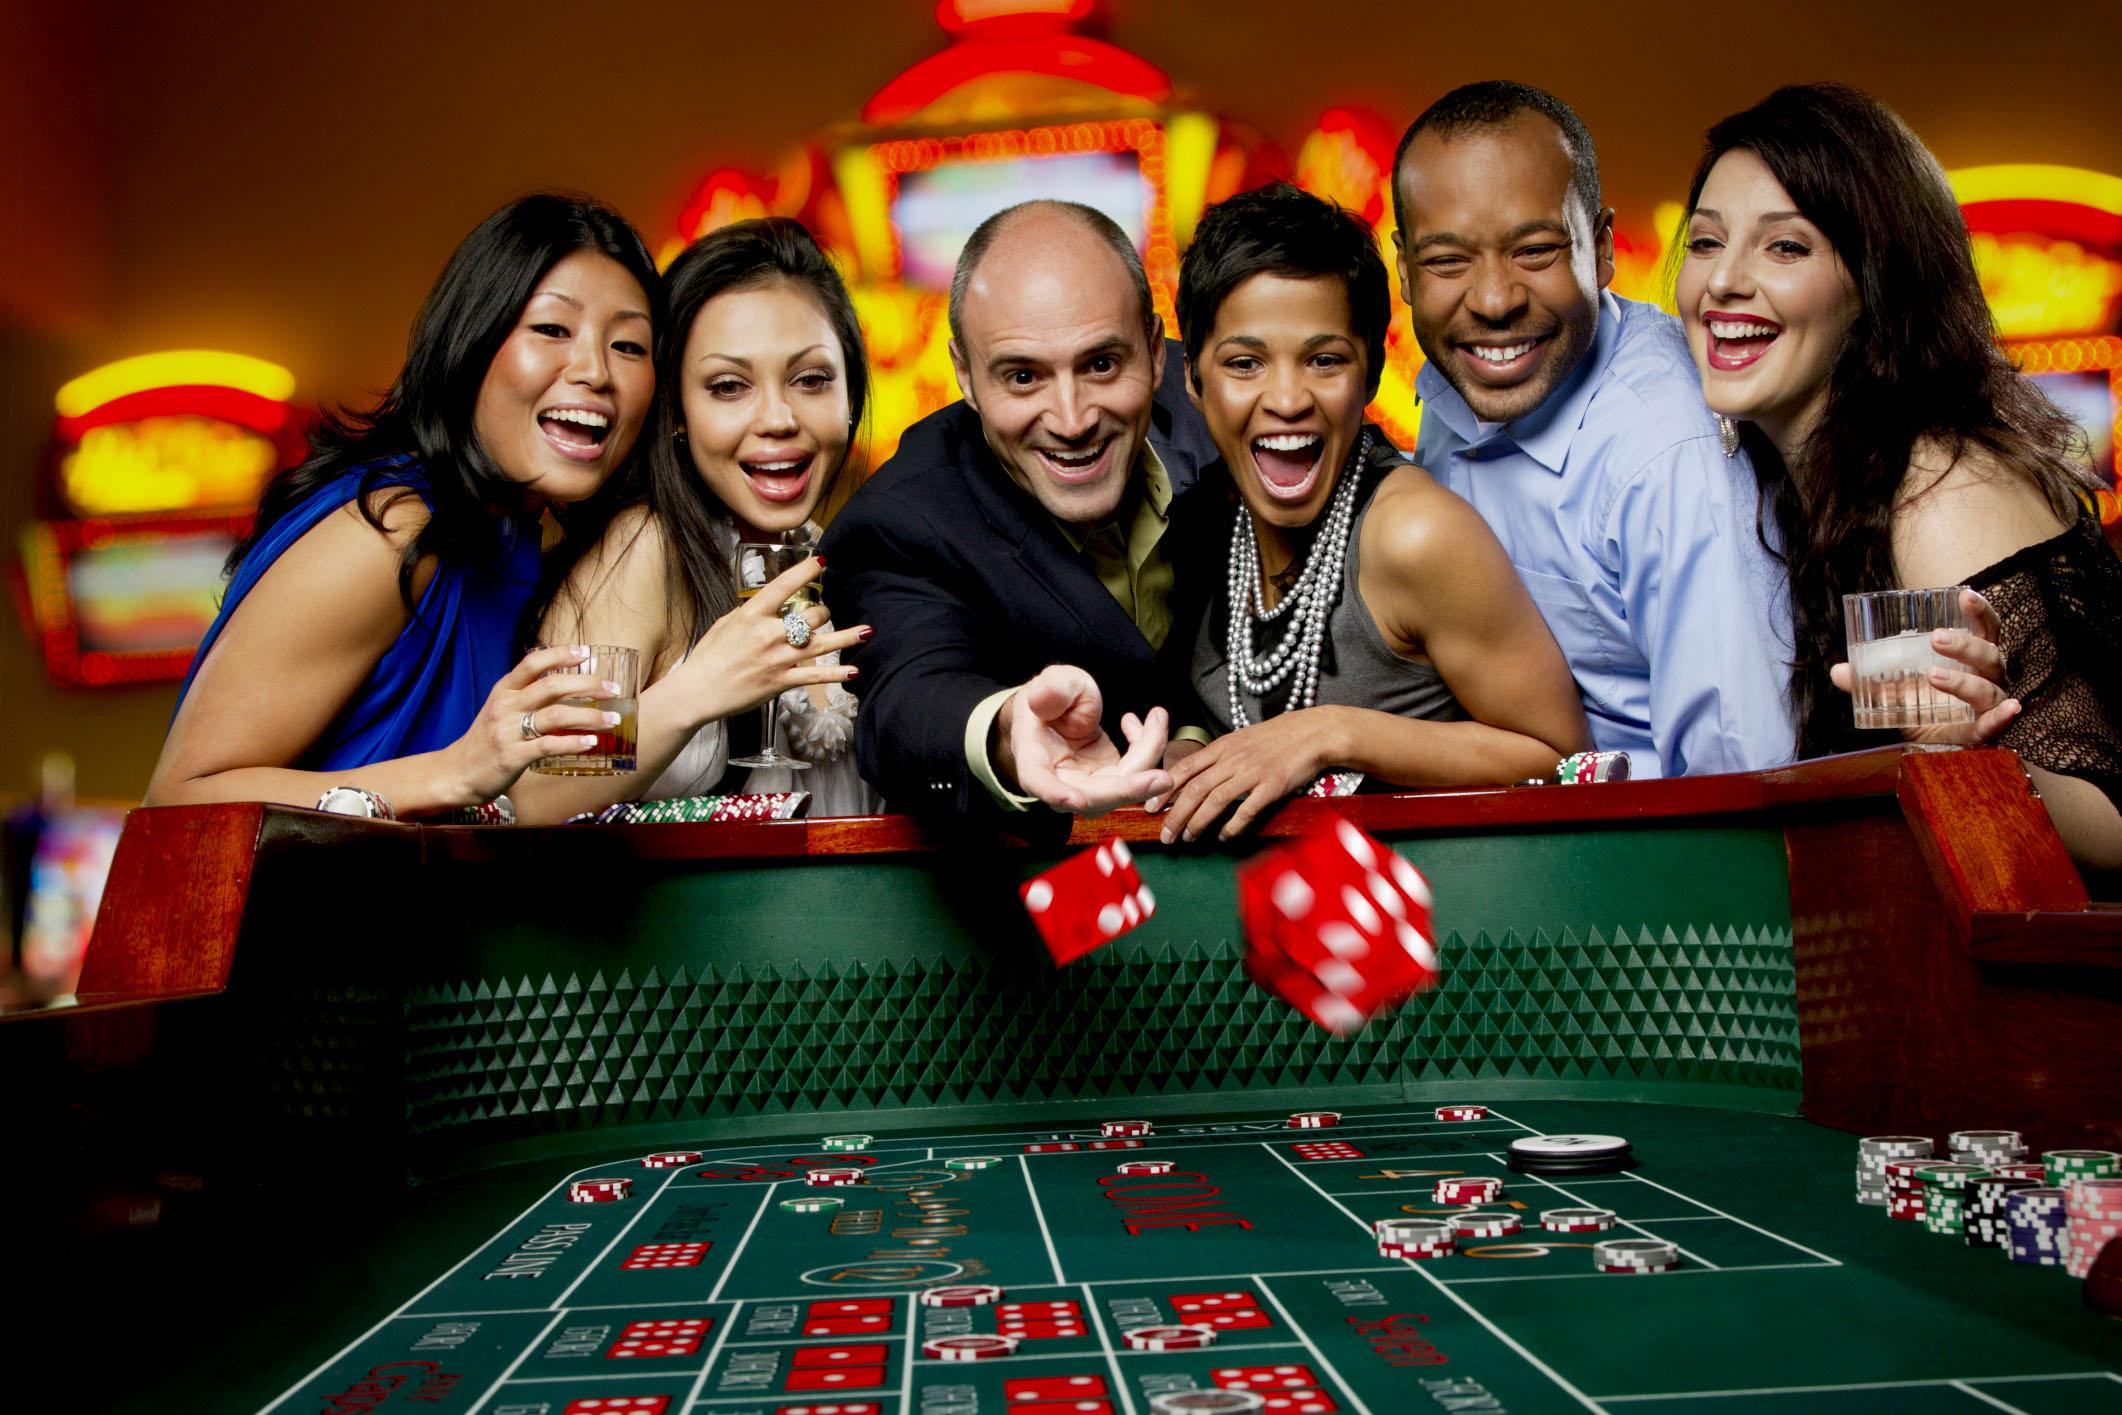 L'Autorité de réglementation japonaise envisage de nouvelles mesures concernant le jeu compulsif